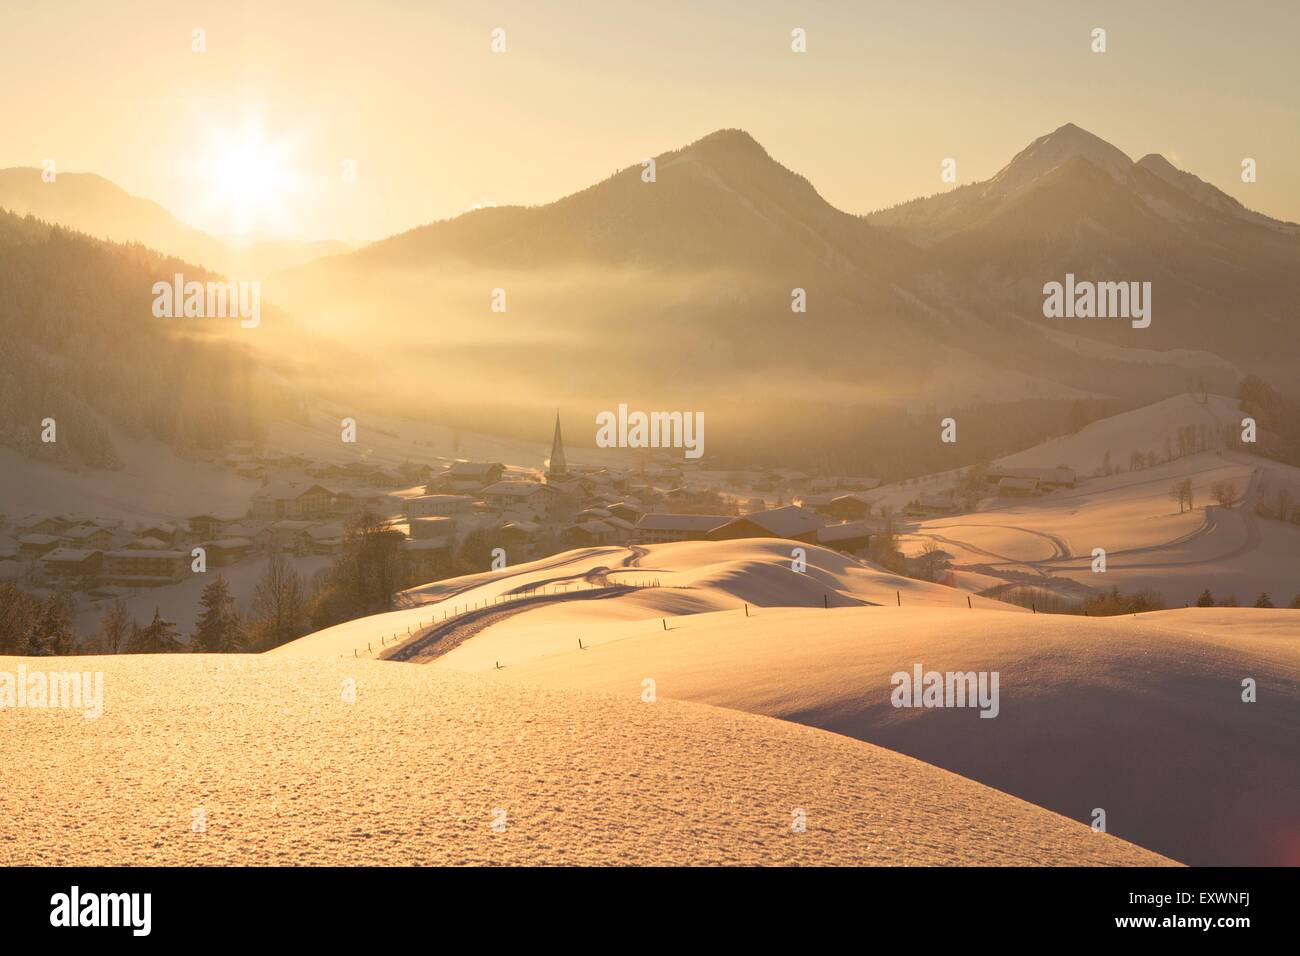 Hinterthiersee im Winter, Tirol, Österreich - Stock Image